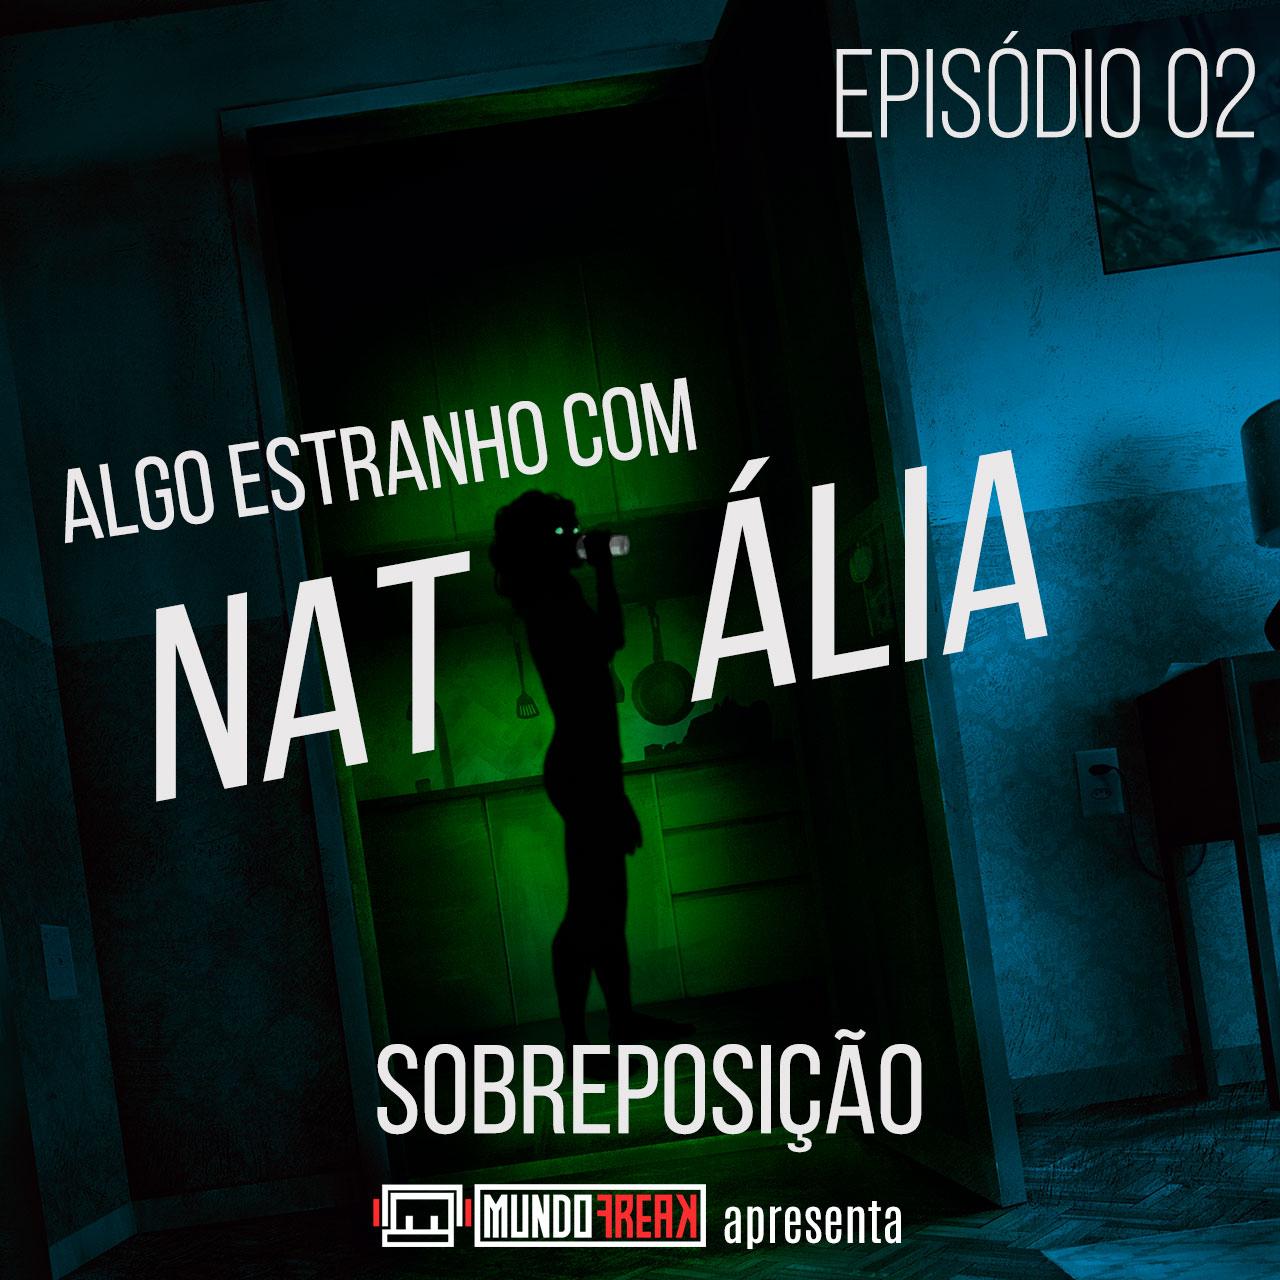 Algo Estranho com Natália | Episódio 02